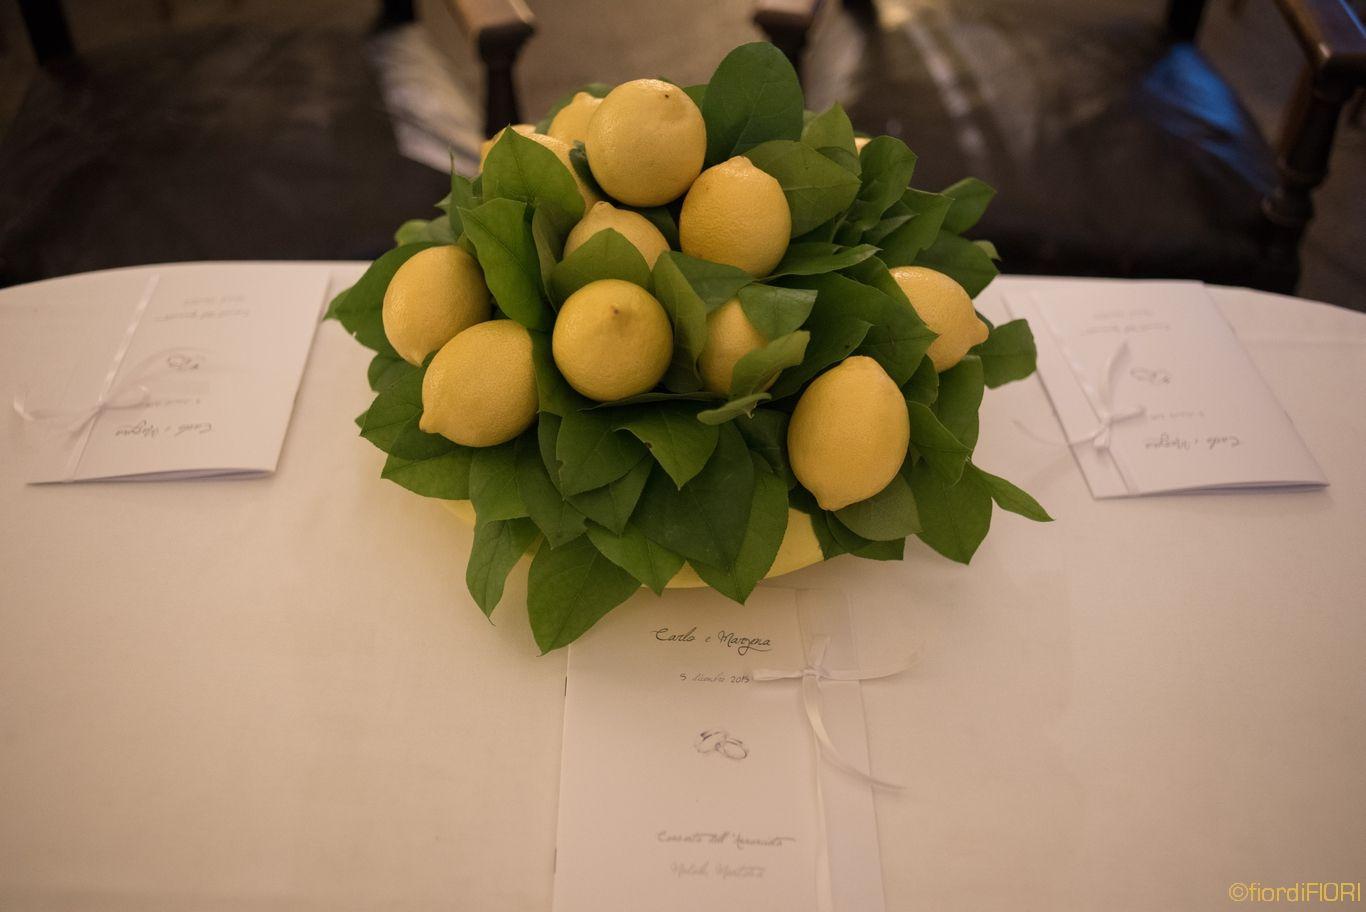 Allestimento cerimonia civile con limoni